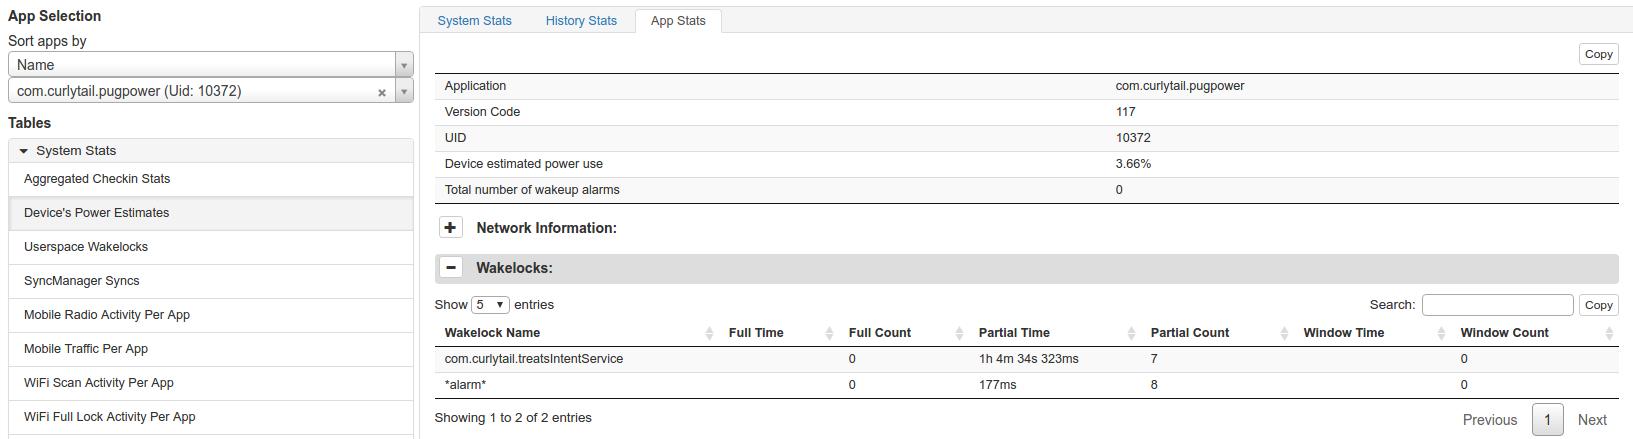 Datos tabulares de la app ficticia PugPower